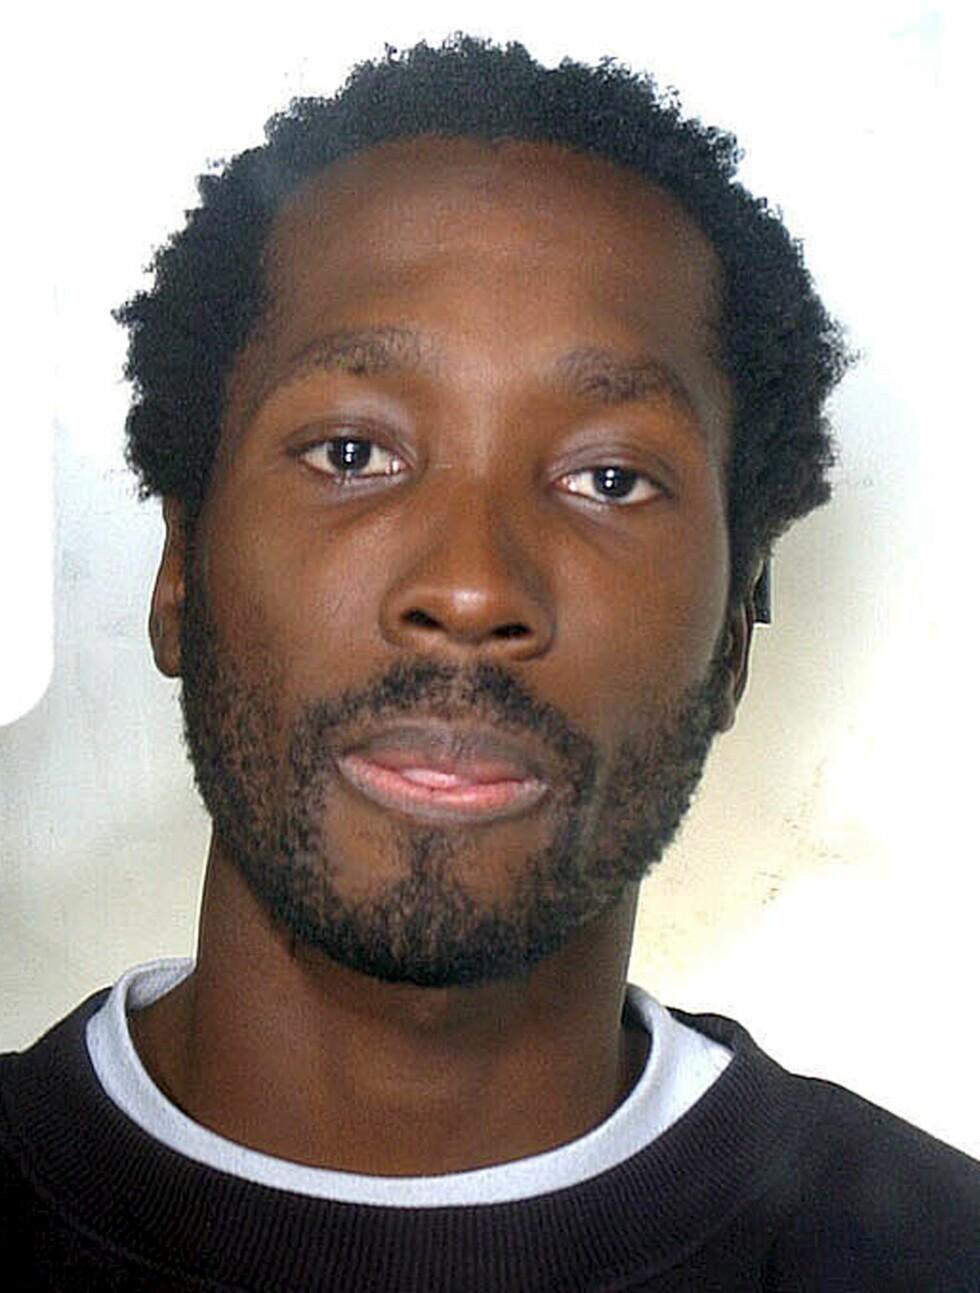 DØMT: Rudy Guede, som også ble dømt i saken tilbake i 2006, sitter fremdeles i fengsel. Han soner sin fengselsdom på 16 år. Foto: EPA